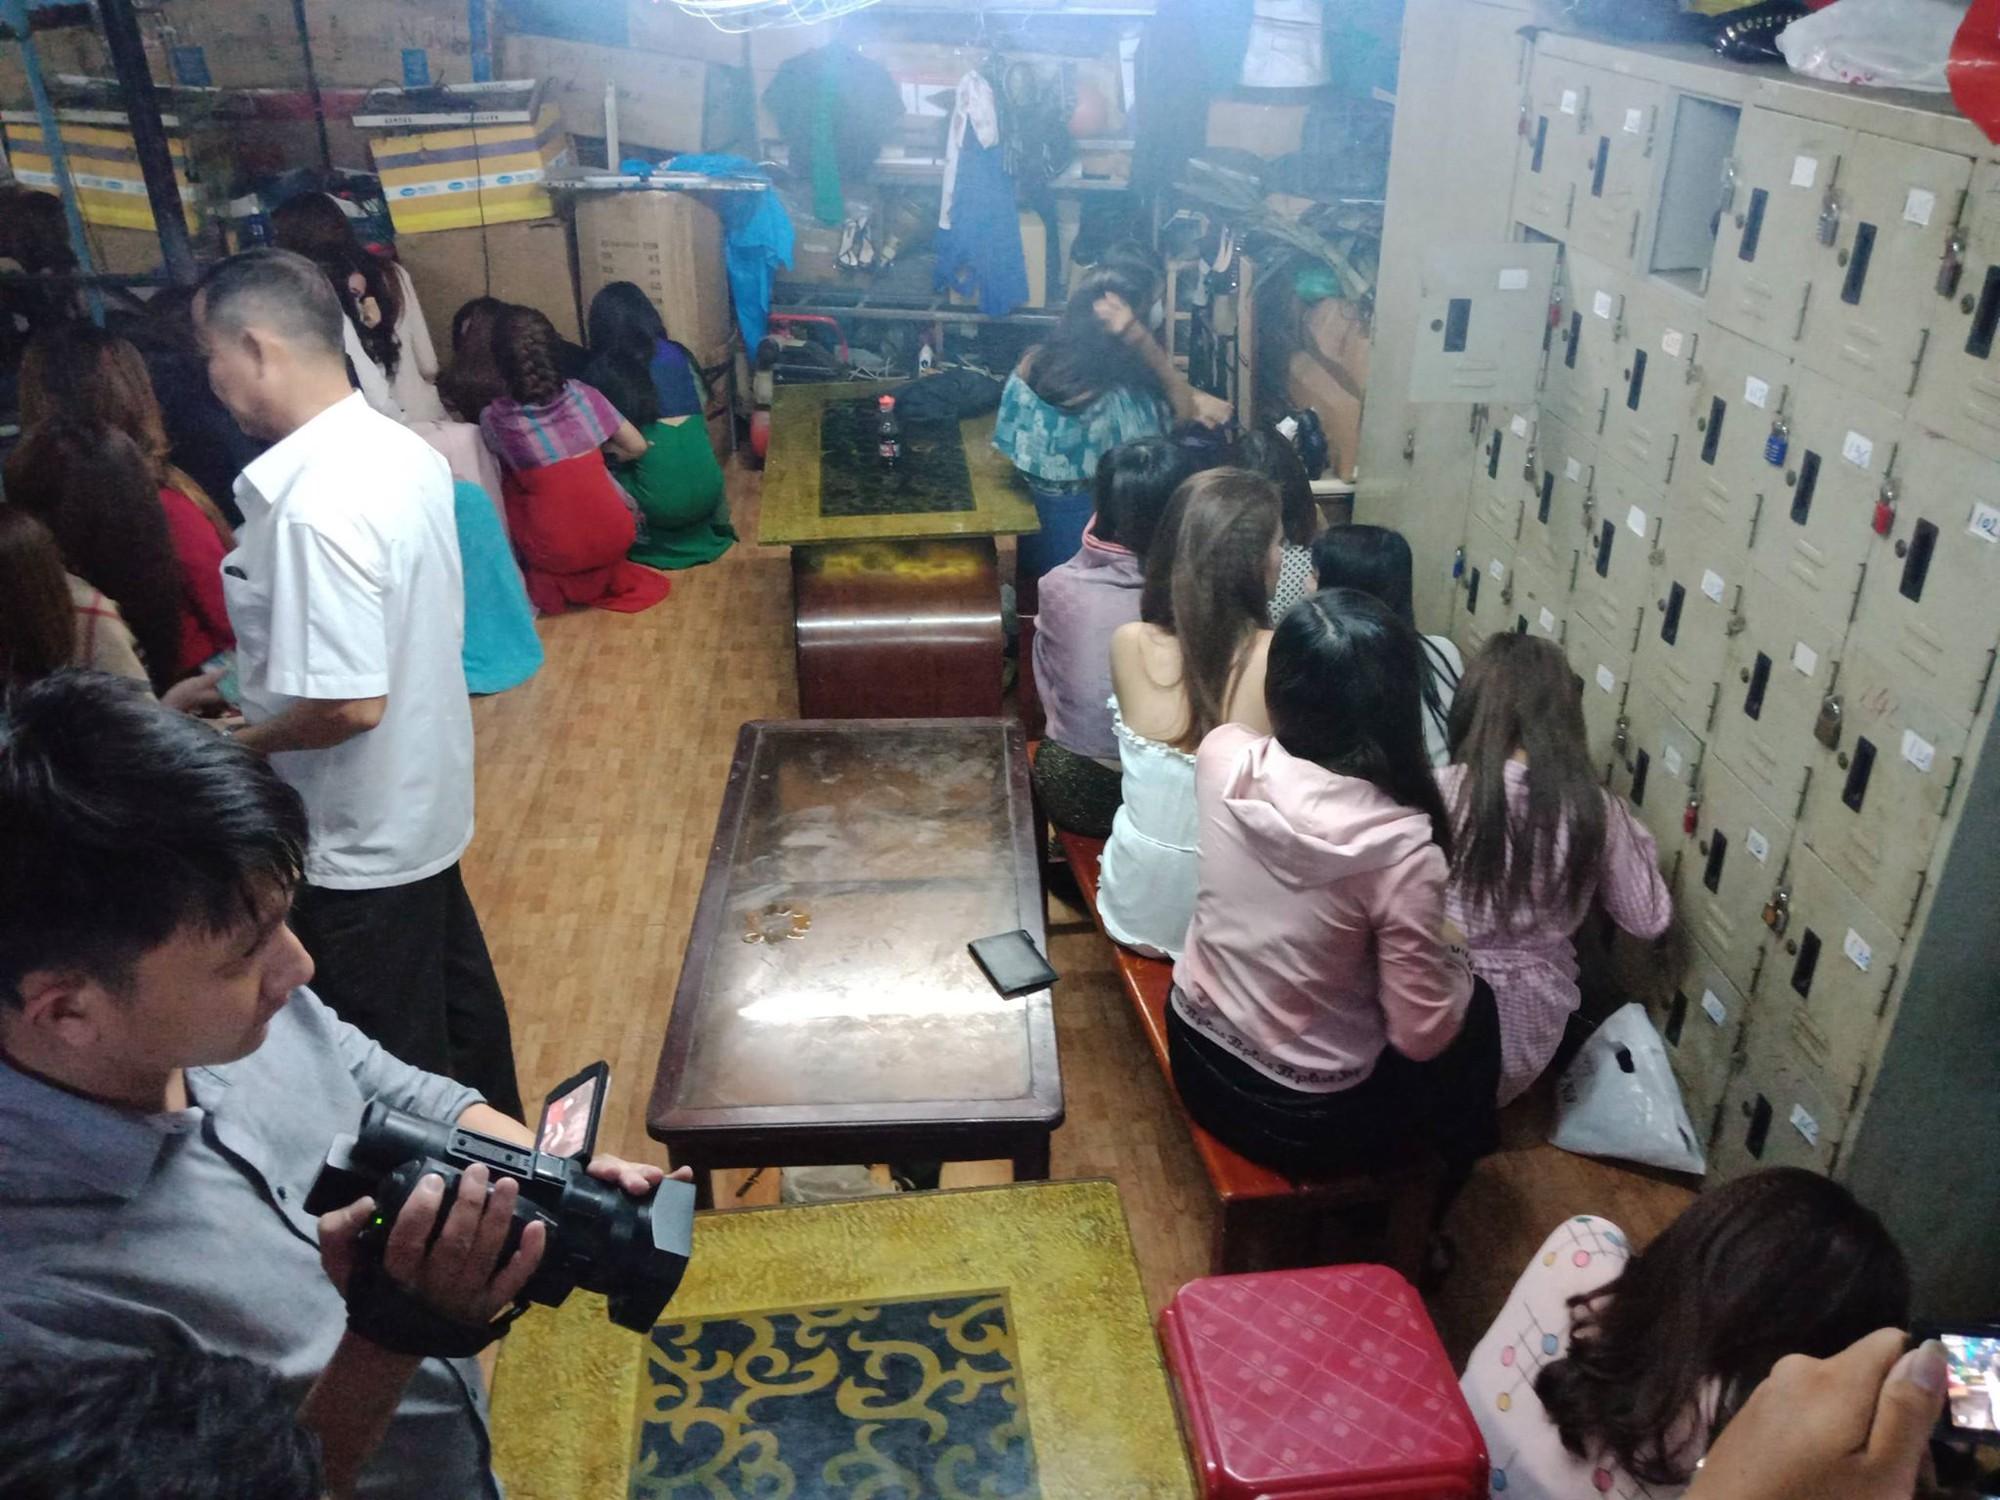 Đột kích quán karaoke, hơn 100 tiếp viên ăn mặc khiêu dâm chui vào phòng bí mật trốn công an kiểm tra - Ảnh 2.